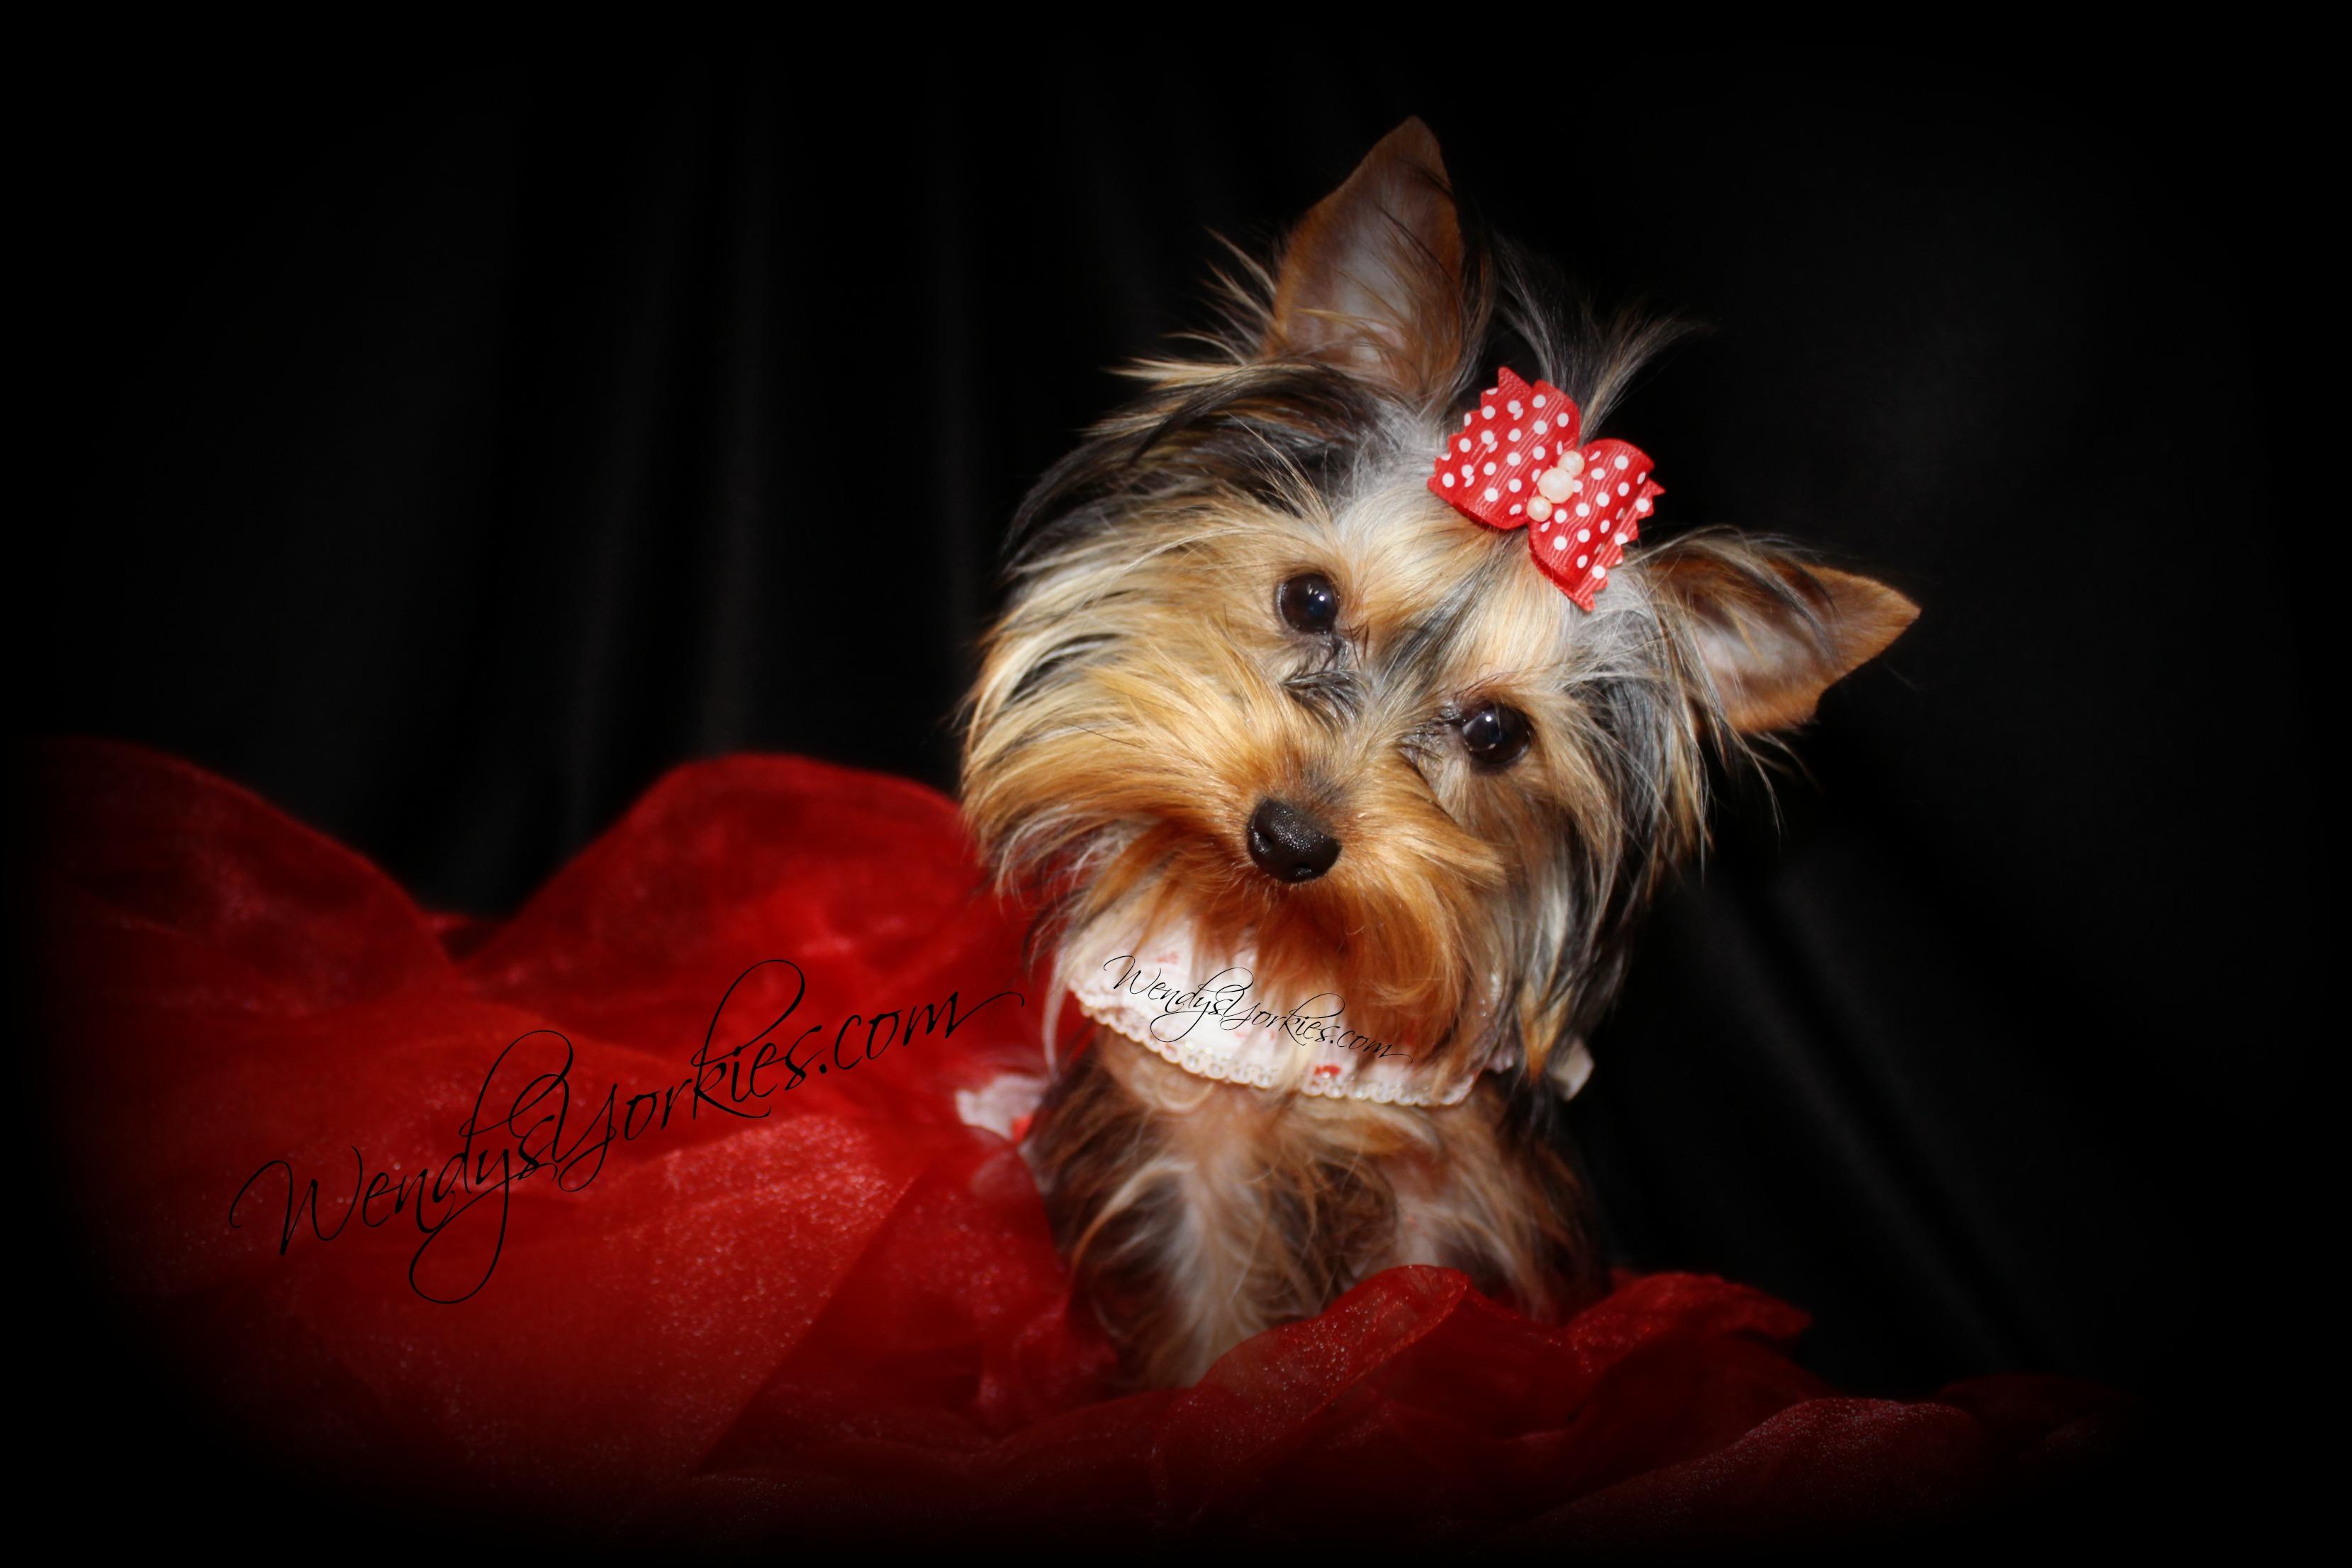 Female Teacup Yorkie Puppies For Sale in TX | Wendys Yorkies